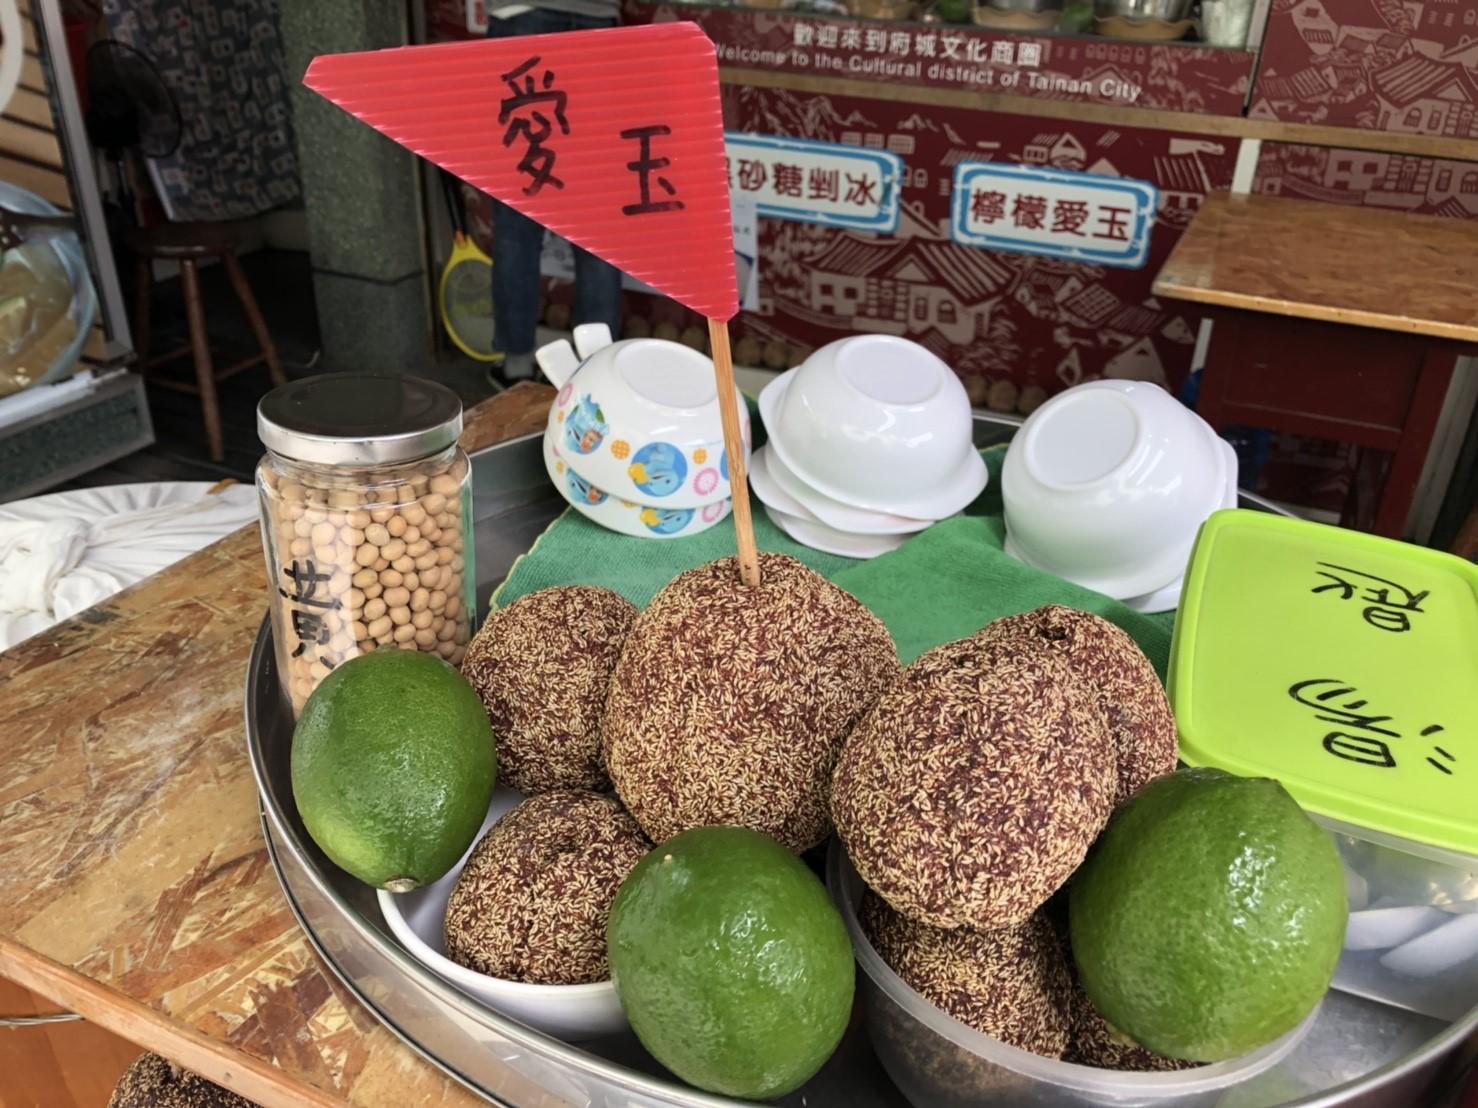 【台湾】レモンの酸味が心地いい愛玉店『傳統豆花坊』@台南